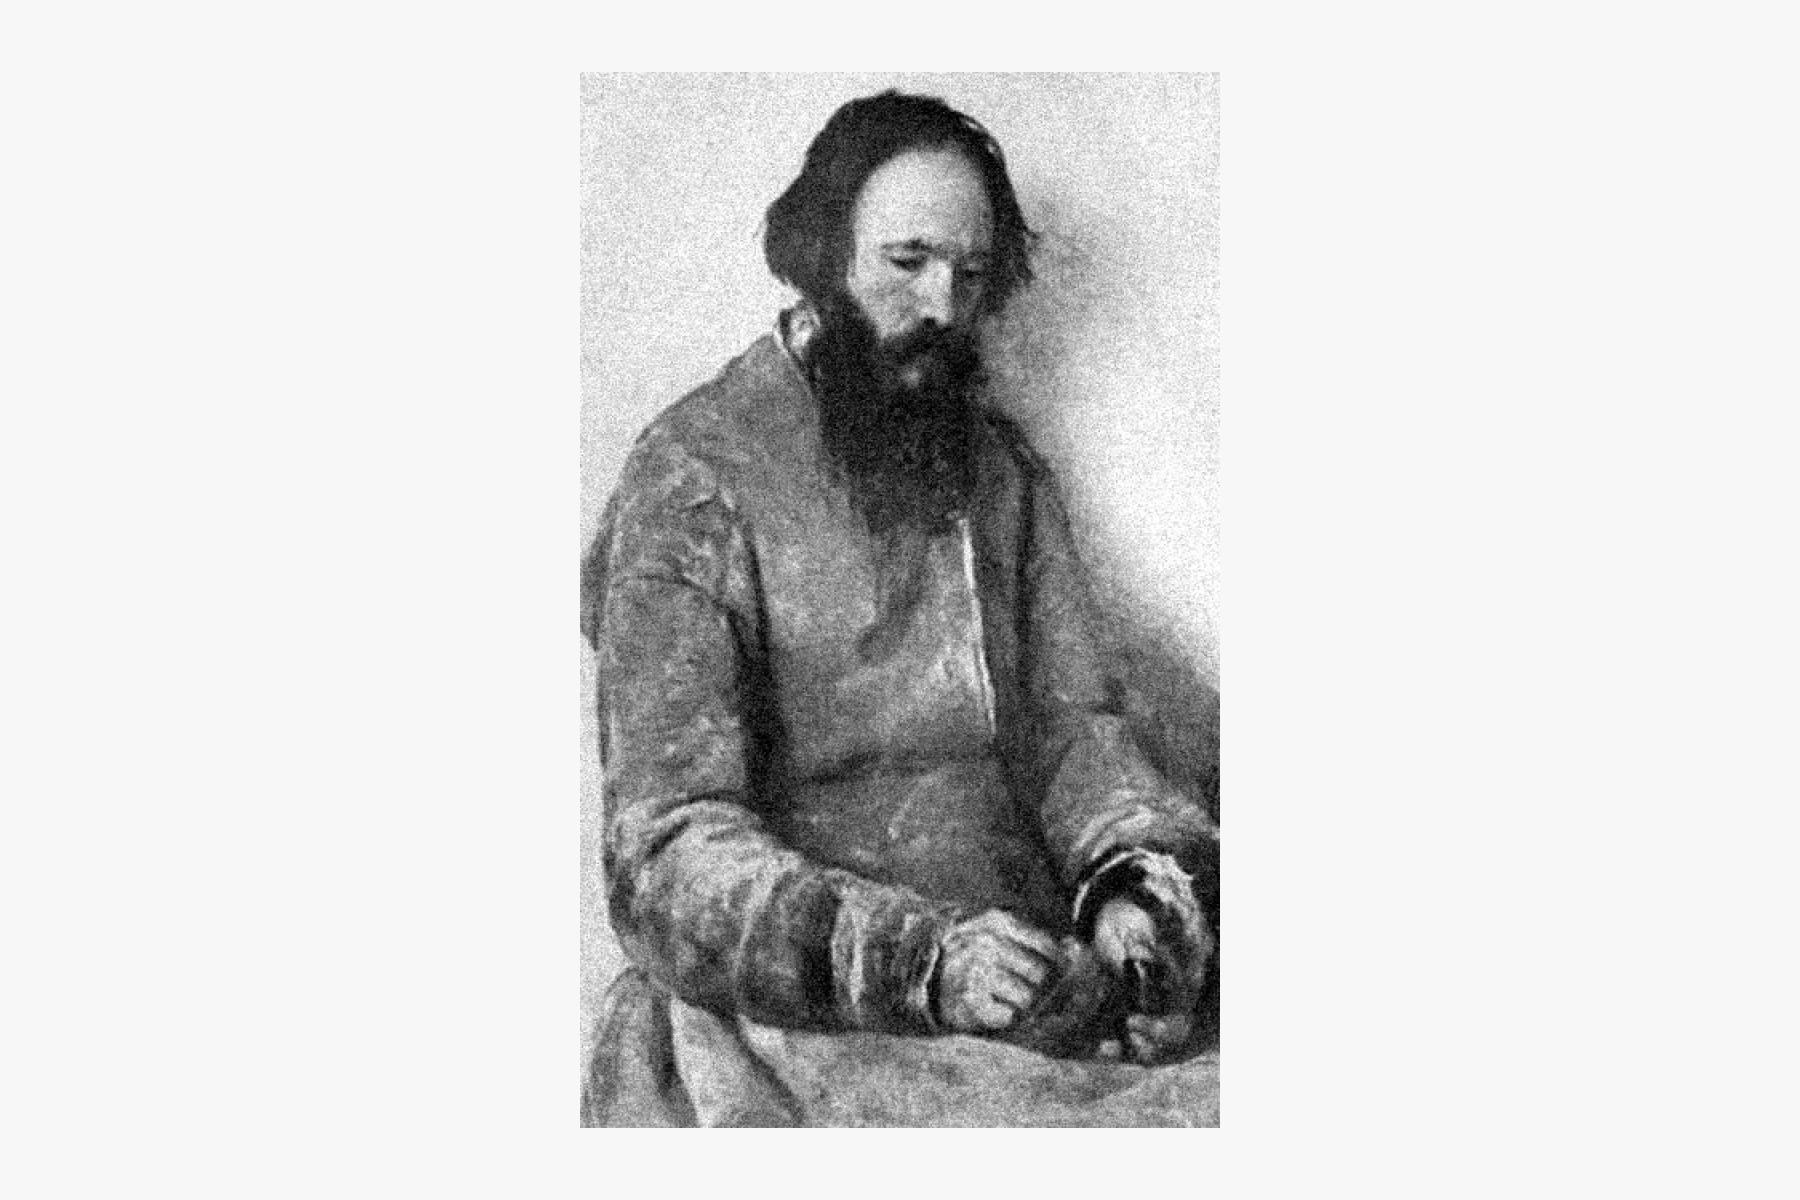 Ф.М. Достоевский накаторге вОмске, где писатель провел четыре года. Вэтом жегороде родился Егор Летов. Источник: ru.wikipedia.org